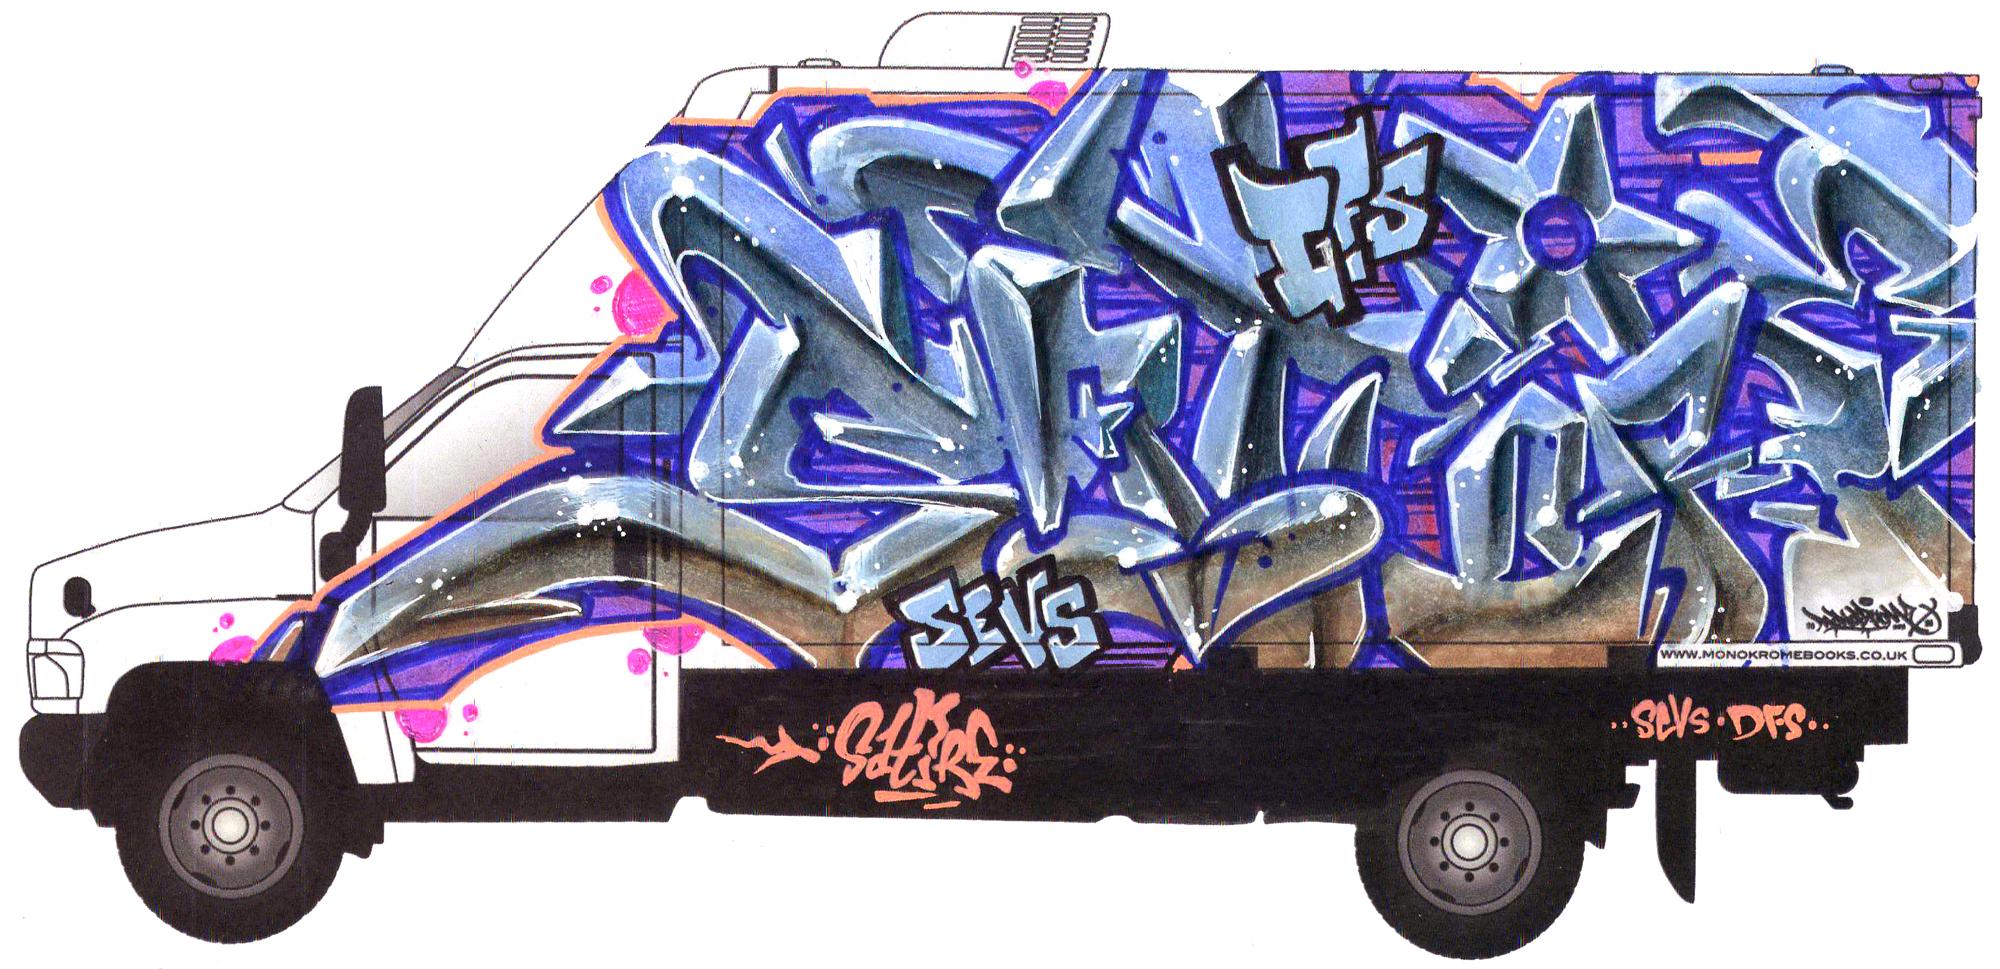 monokrome truck.jpg